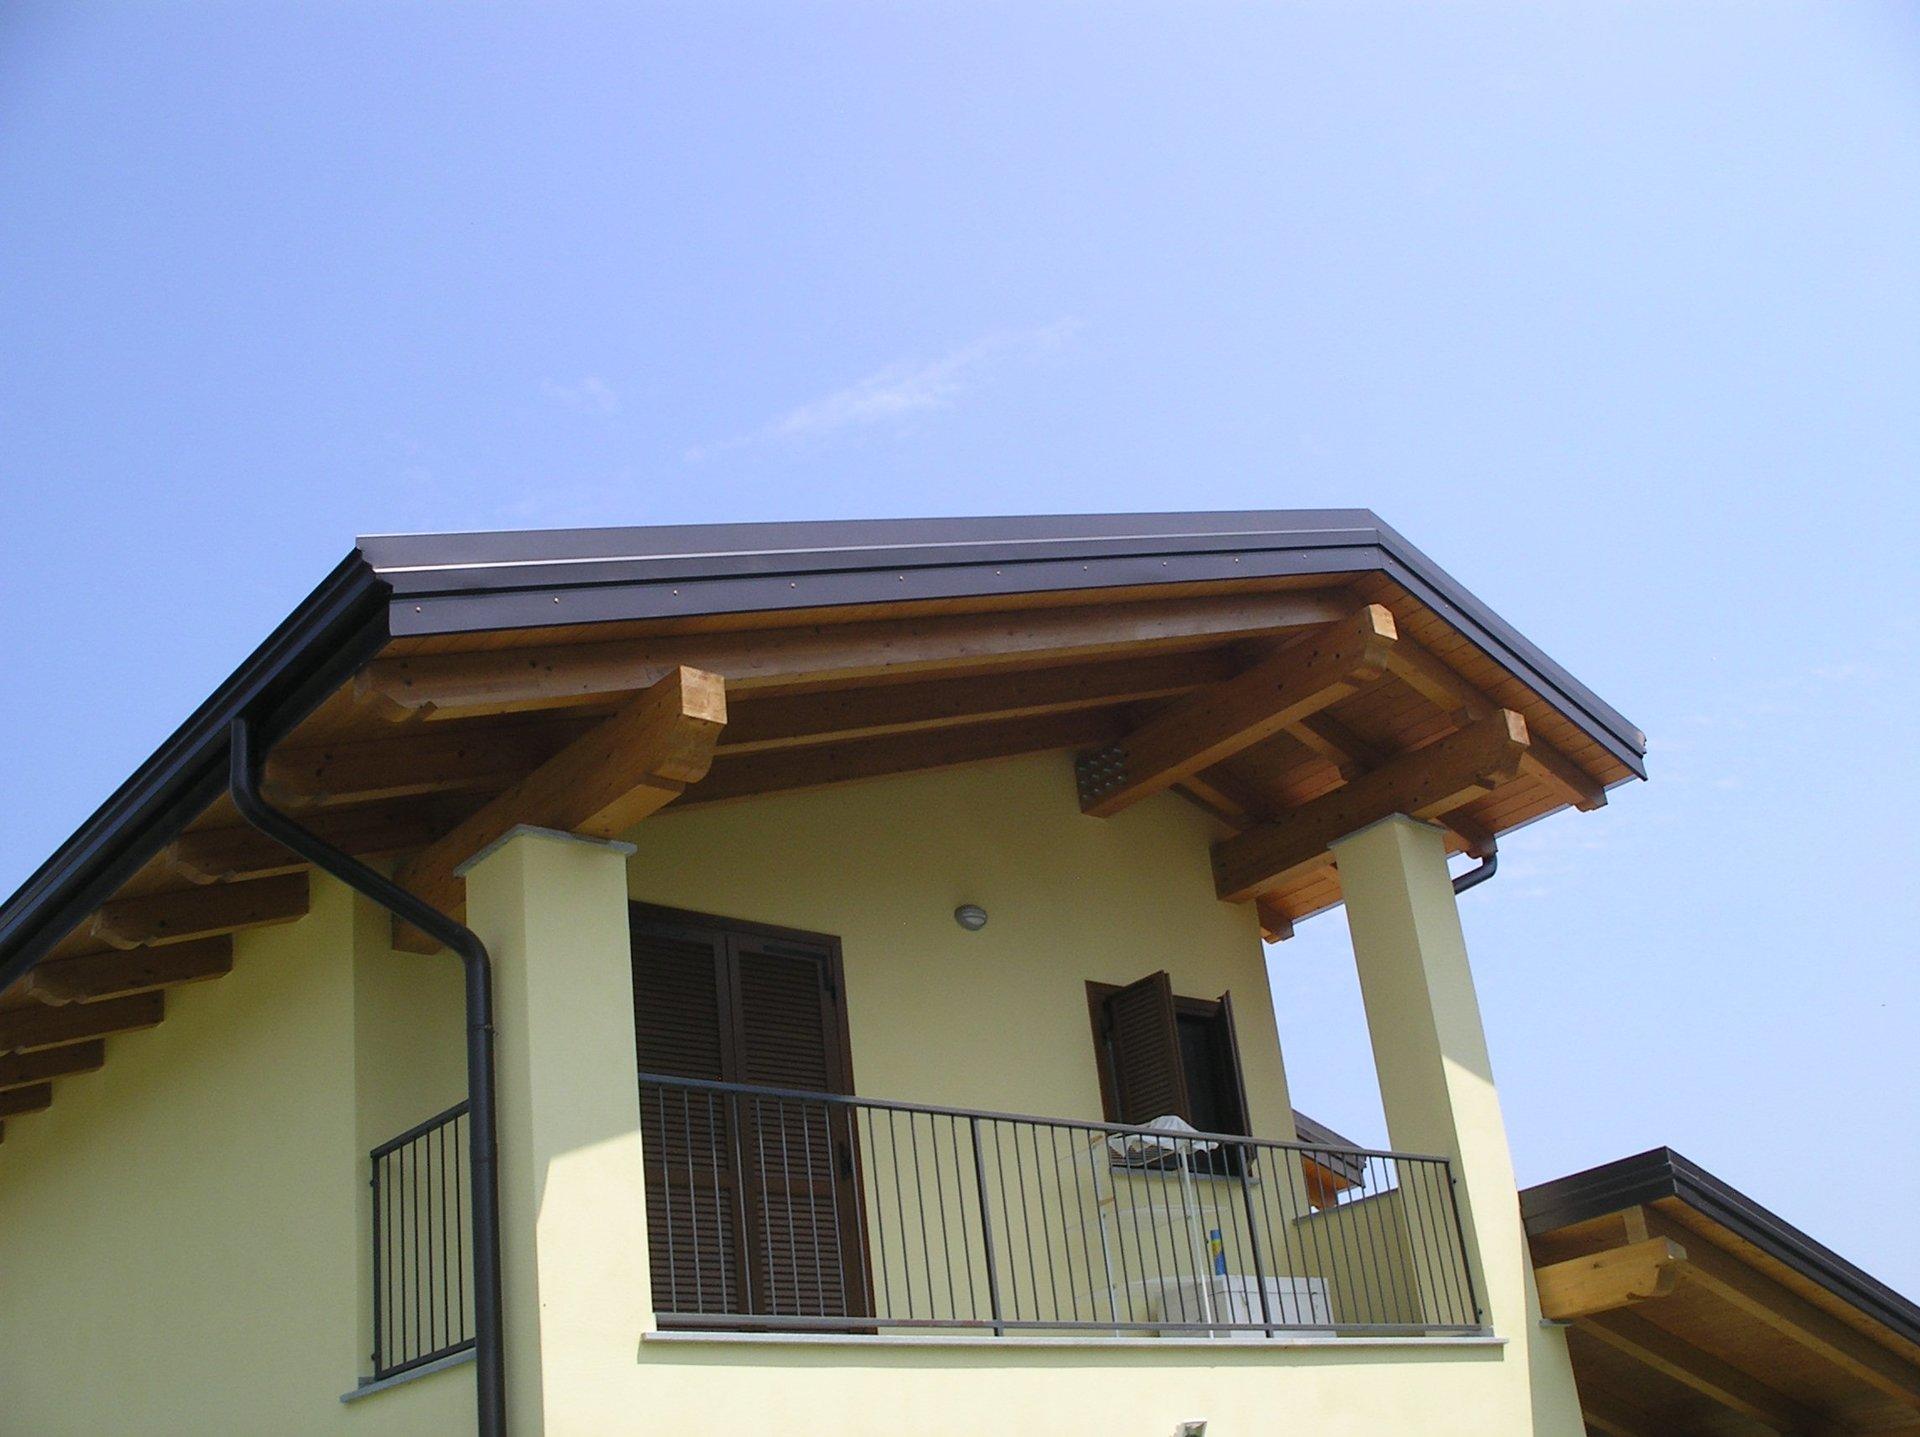 una casa gialla con tettoia in legno